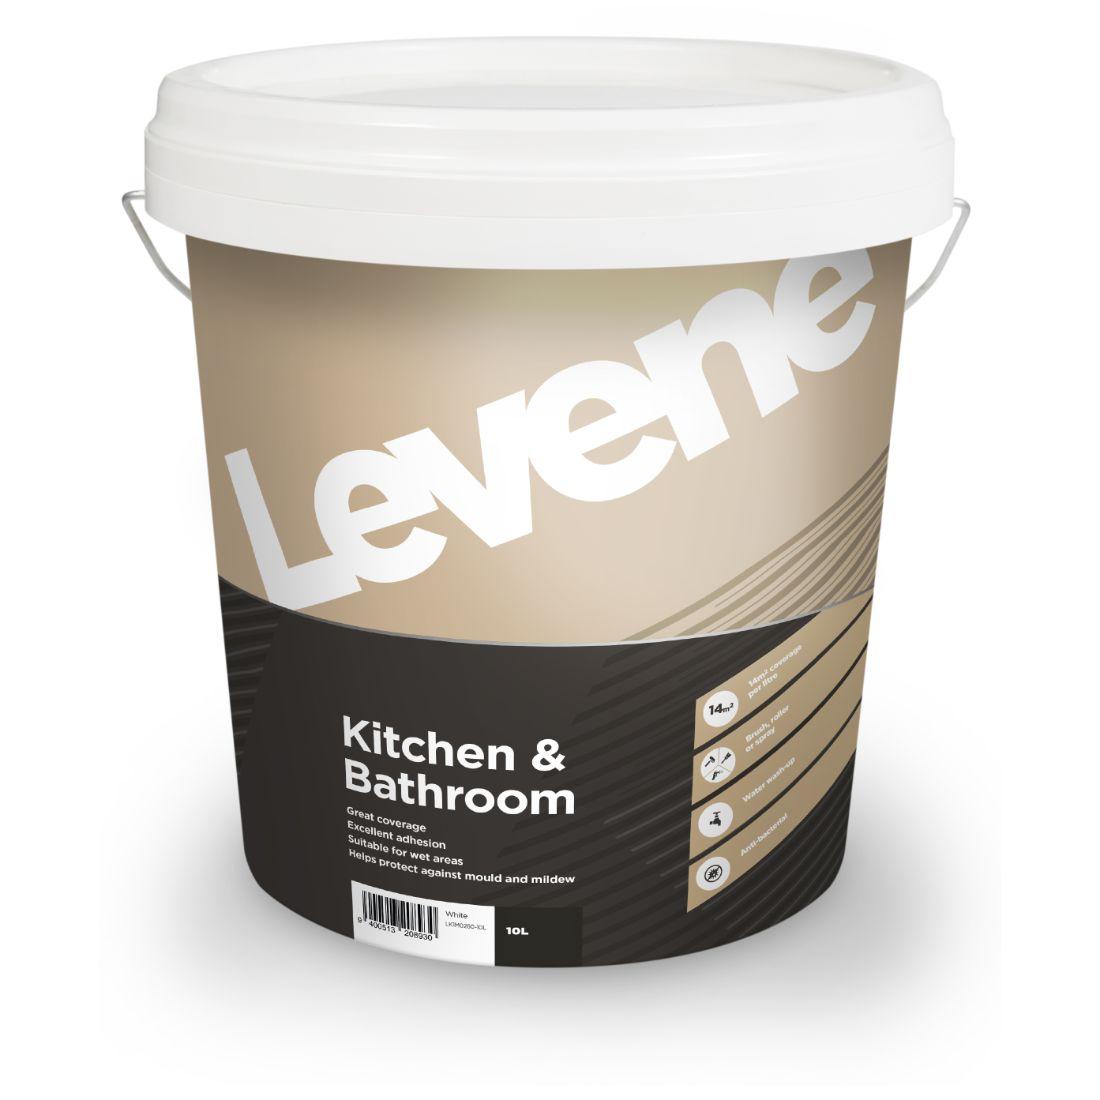 Kitchen Bathroom White 10L